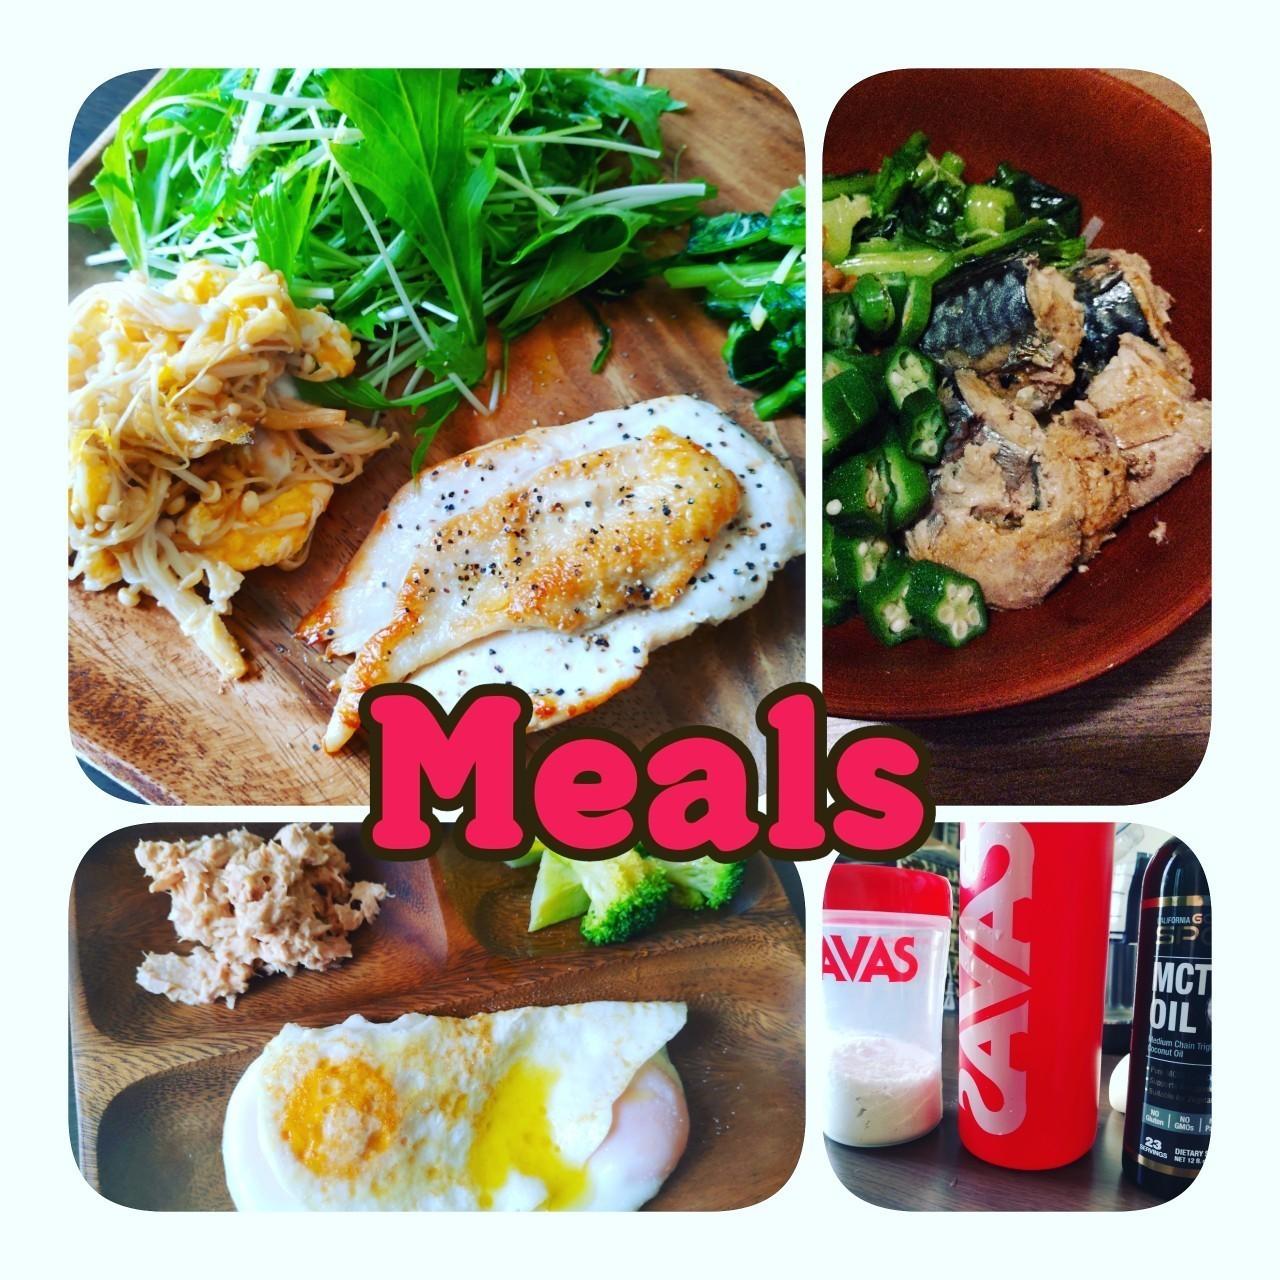 ケトジェニックダイエット(スーパー糖質制限)、1週間の食事